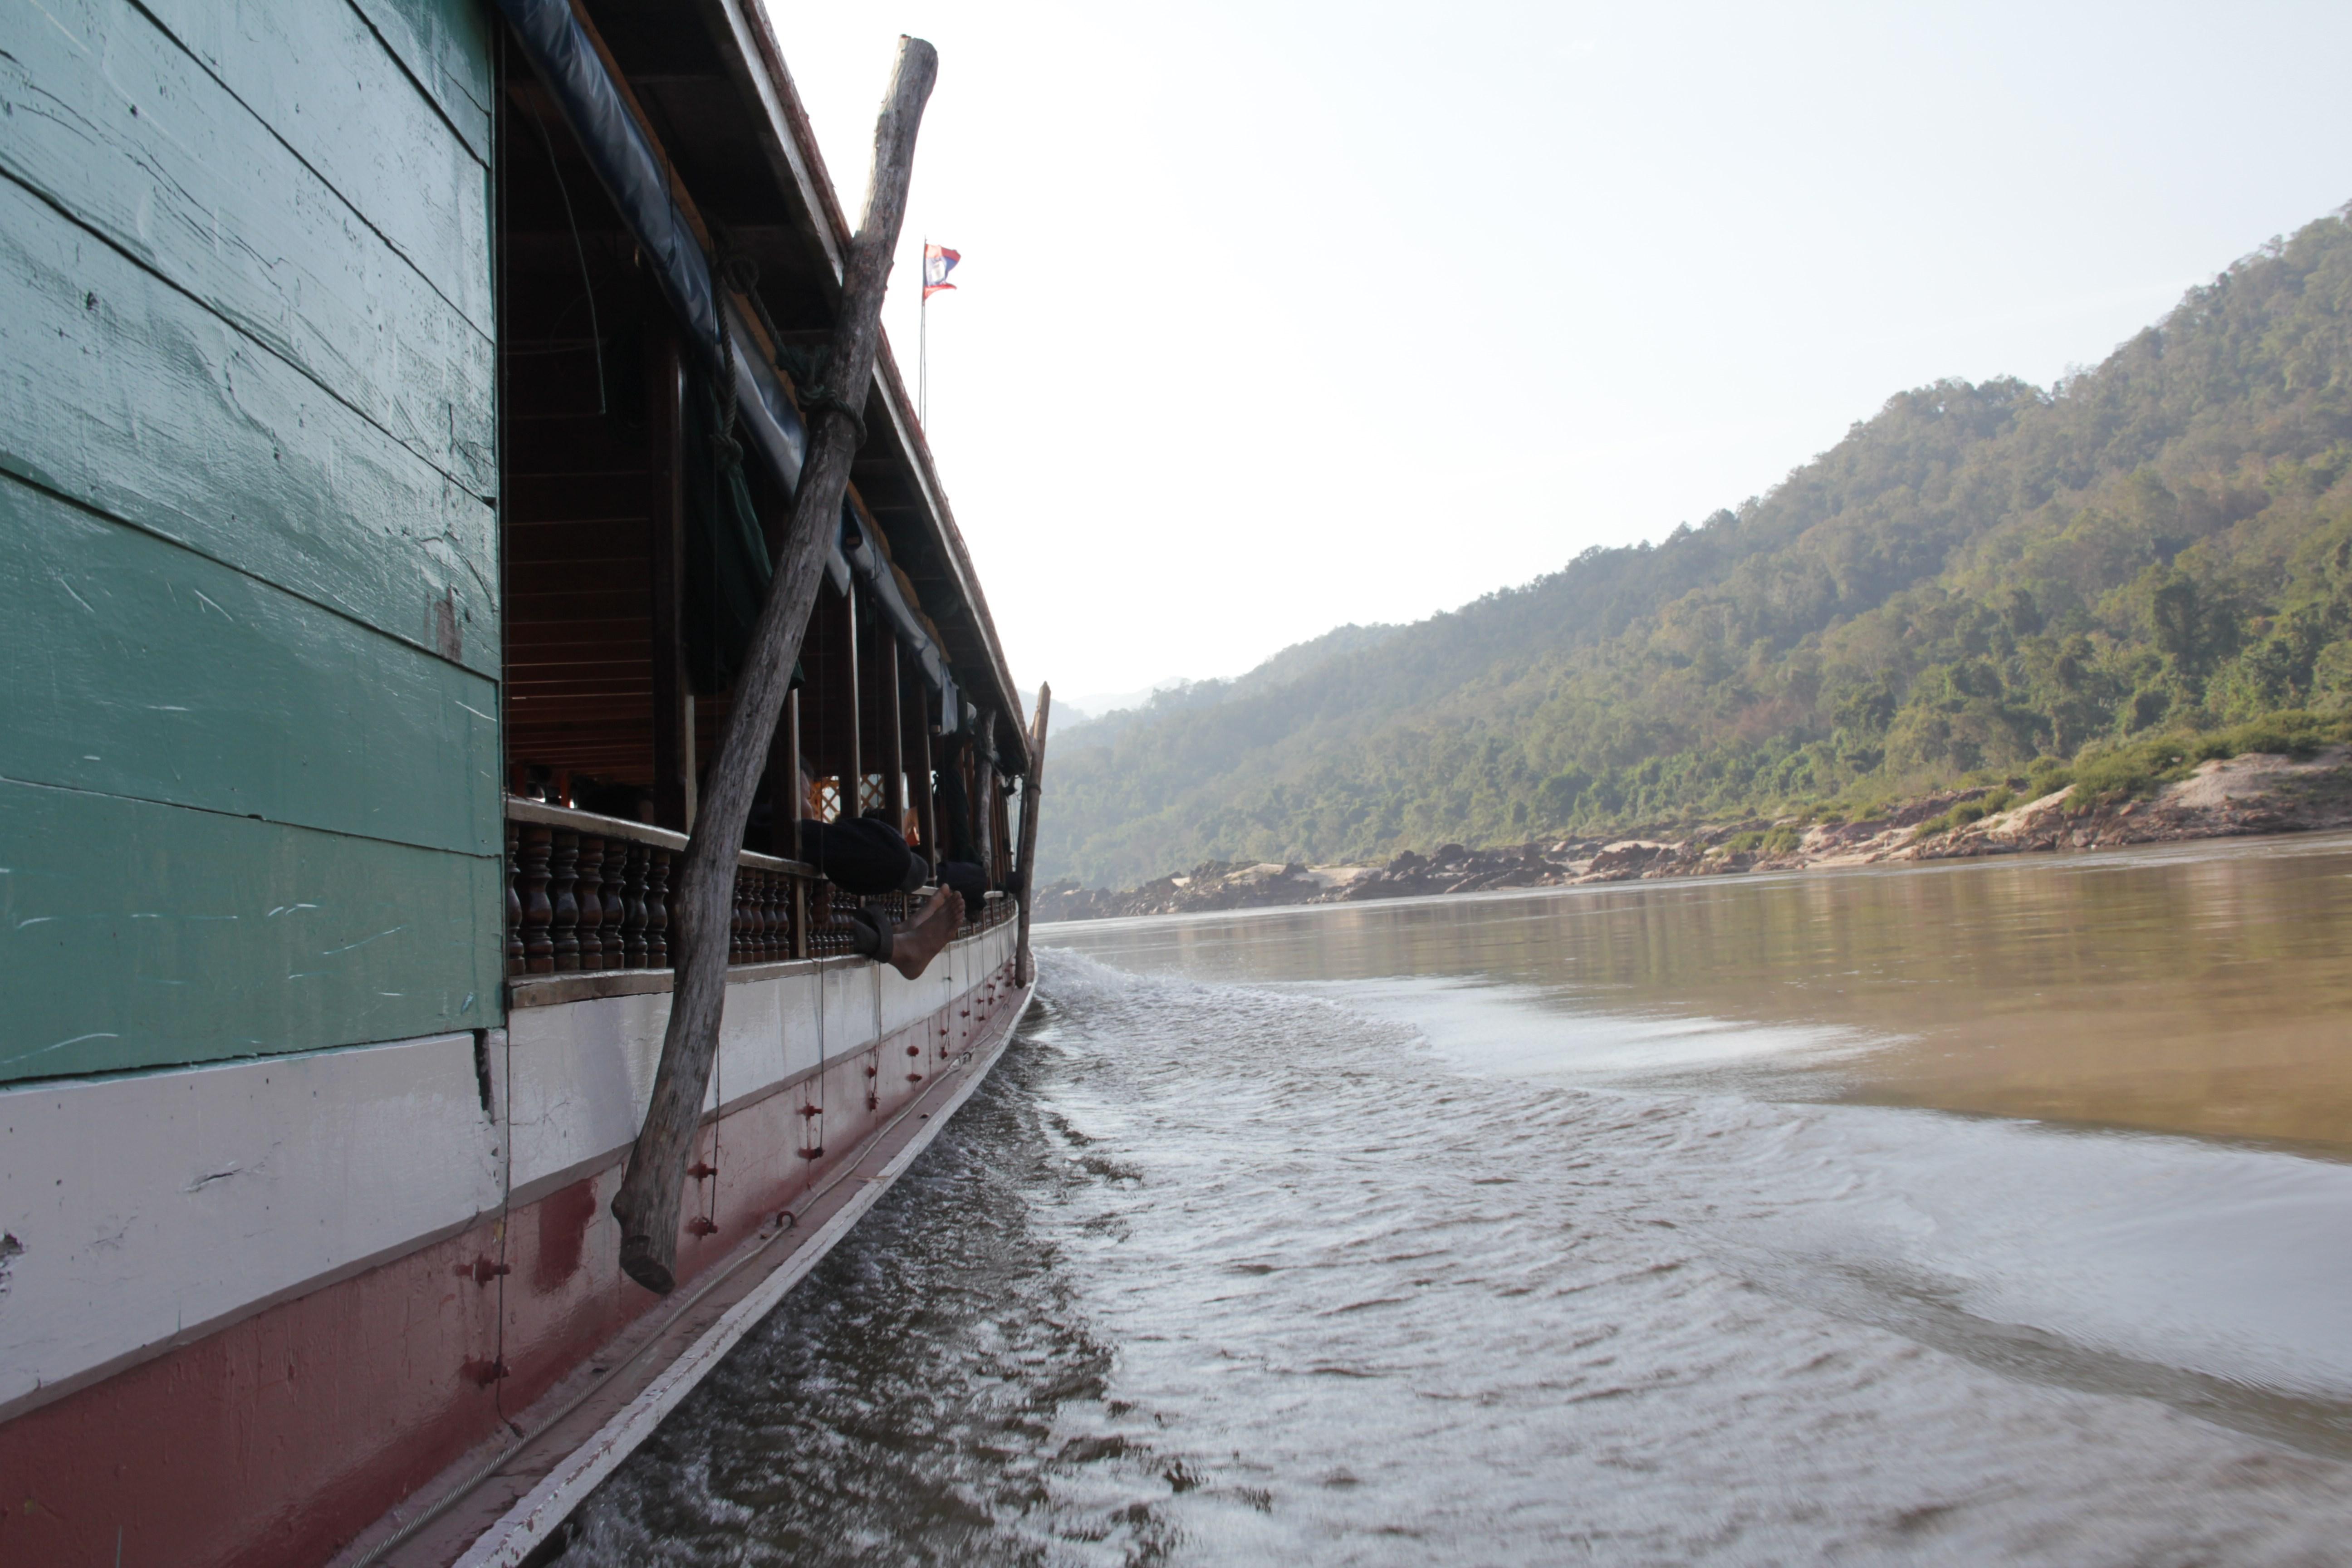 Pendant deux jours, une remontée vers la Thaïlande au fil de l'eau (© Jérôme Decoster).